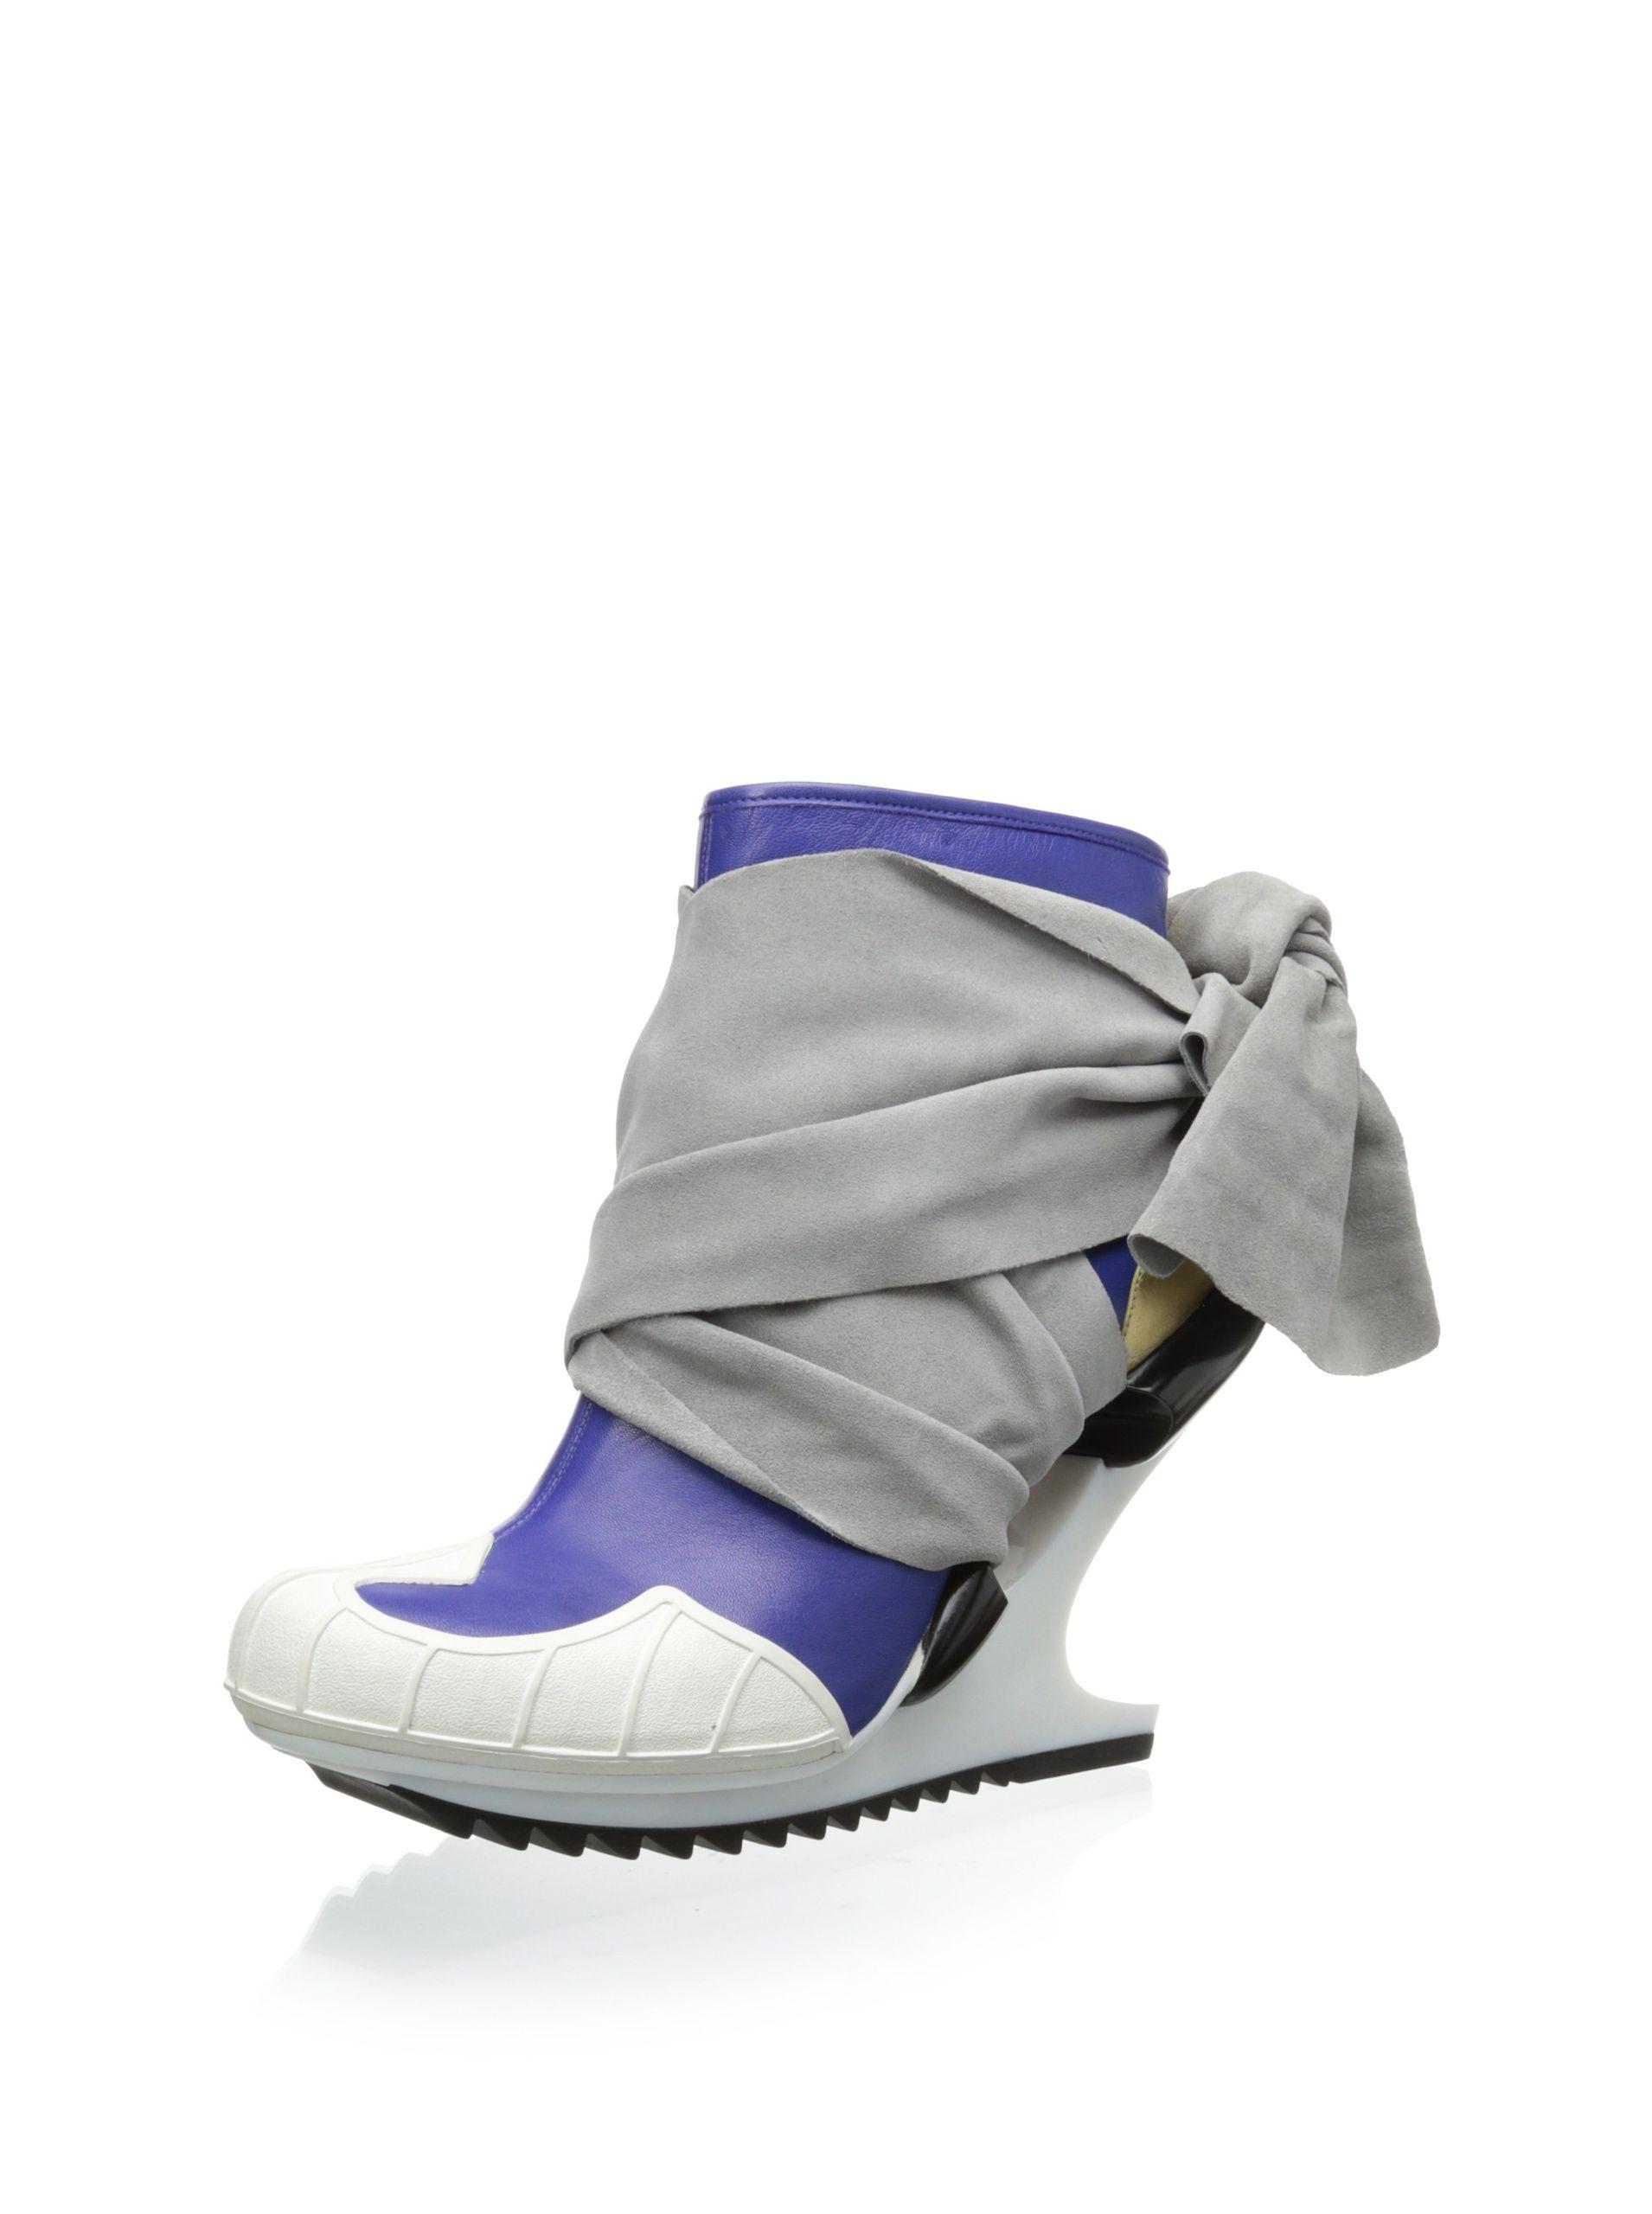 542c2eacdc45 adidas Y-3 by Yohji Yamamoto Women